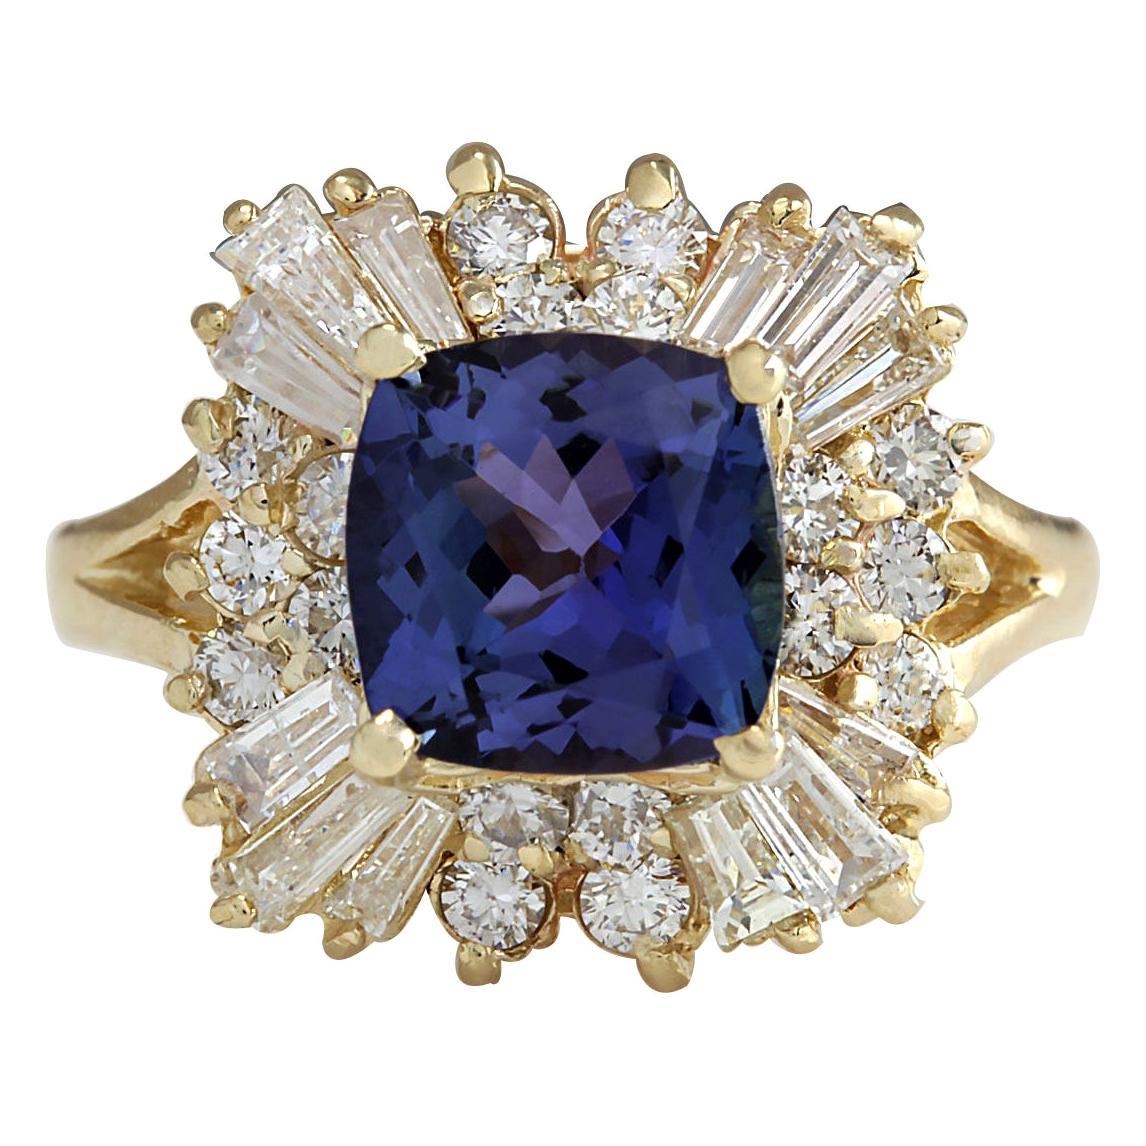 3.44 Carat Natural Tanzanite 18 Karat Yellow Gold Diamond Ring